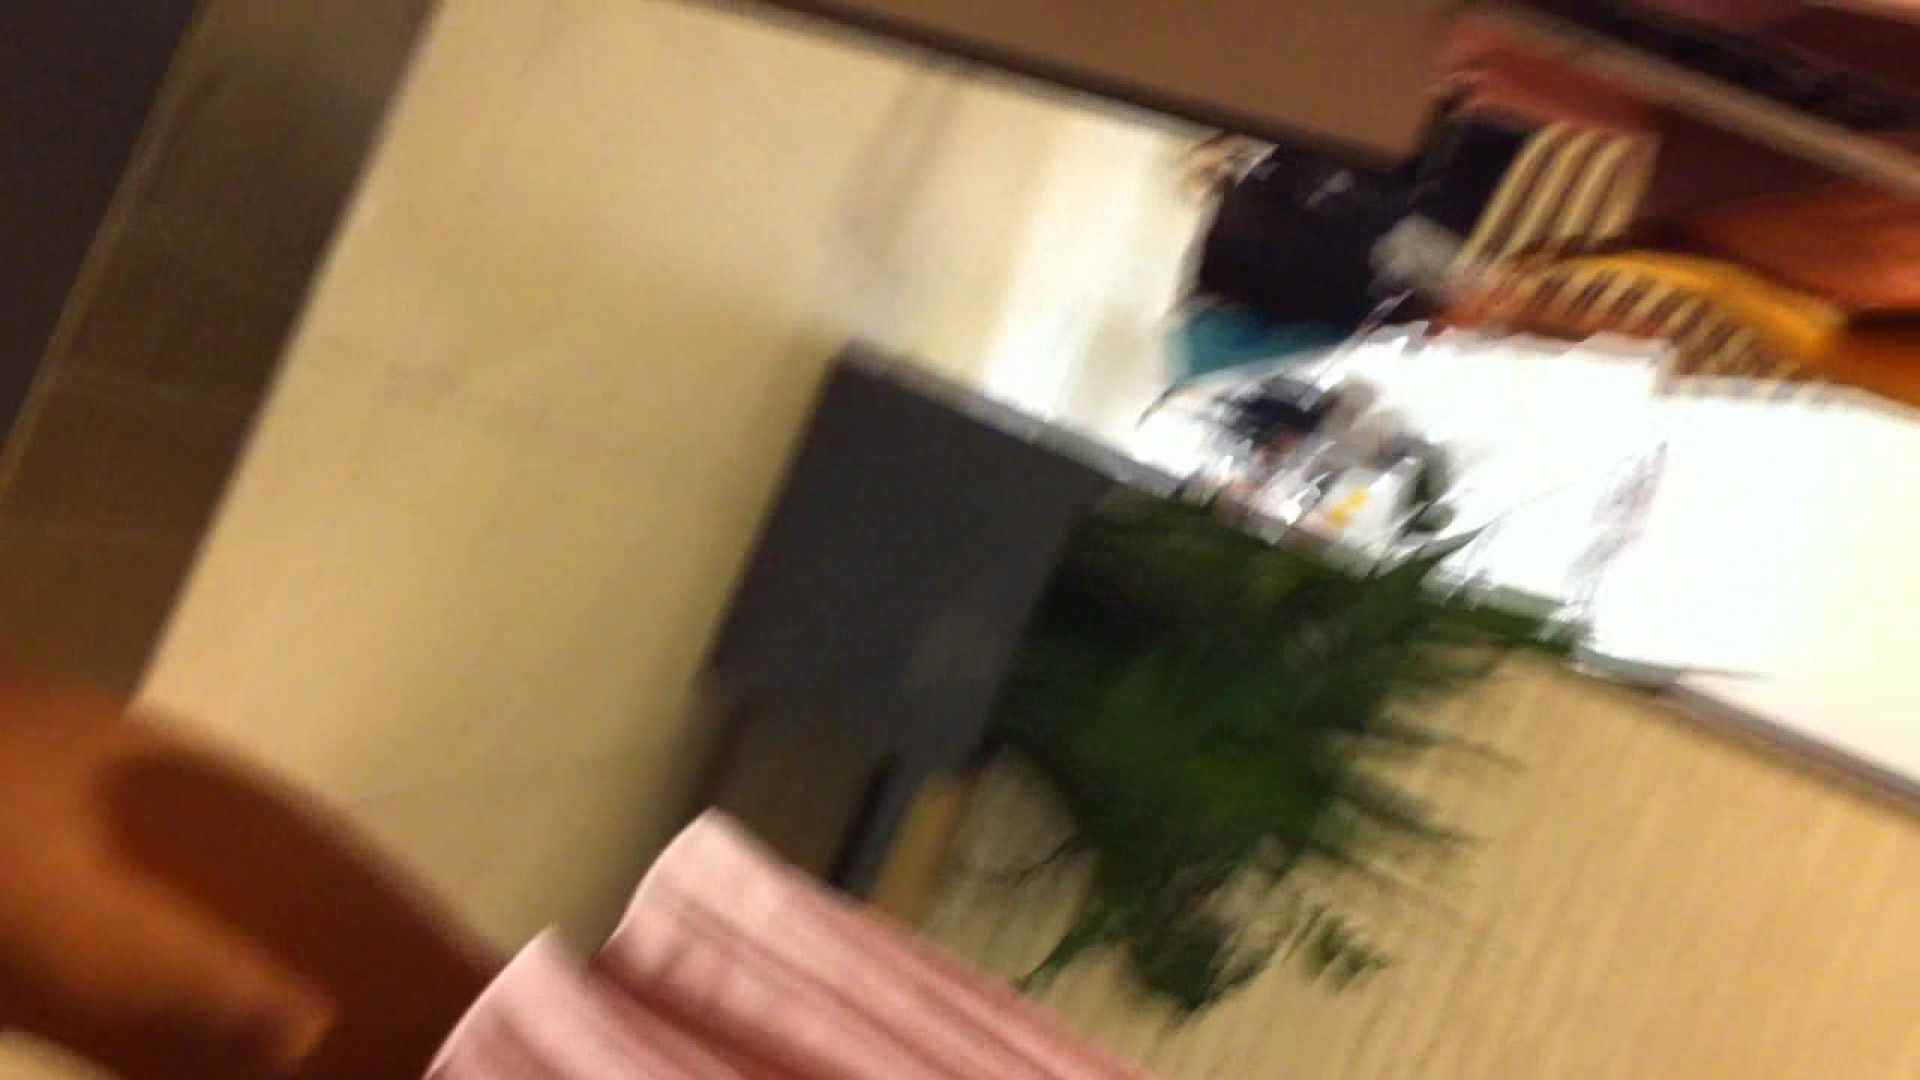 フルHD ショップ店員千人斬り! 大画面ノーカット完全版 vol.15 OLエロ画像 盗み撮りAV無料動画キャプチャ 73PICs 56